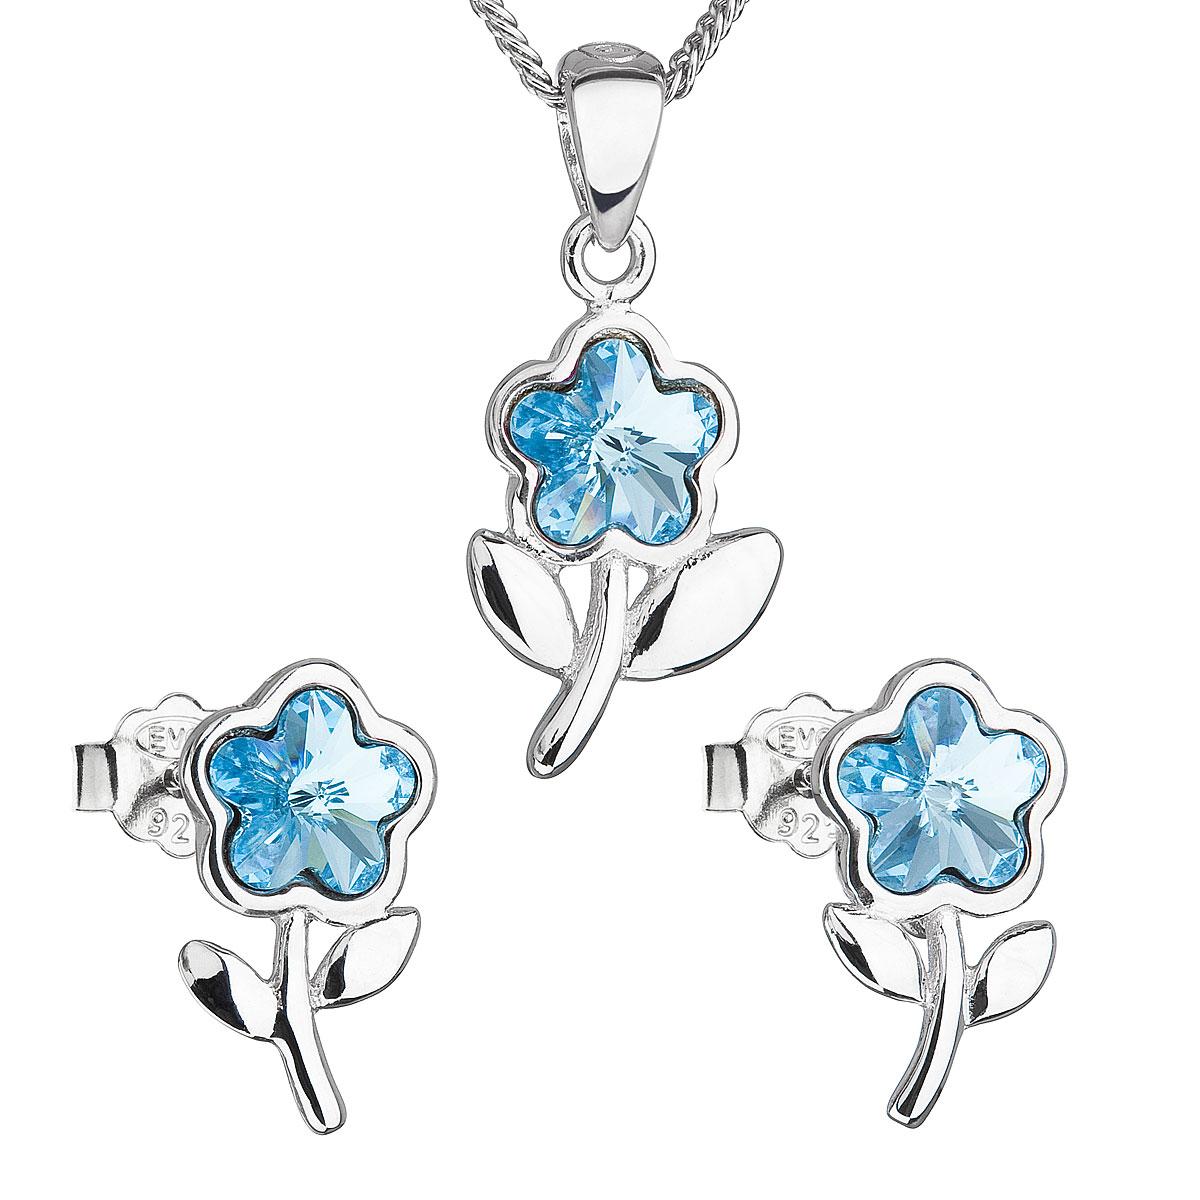 Sada šperkov s krištálmi Swarovski náušnice,retiazka a prívesok modrá kytička 39172.3